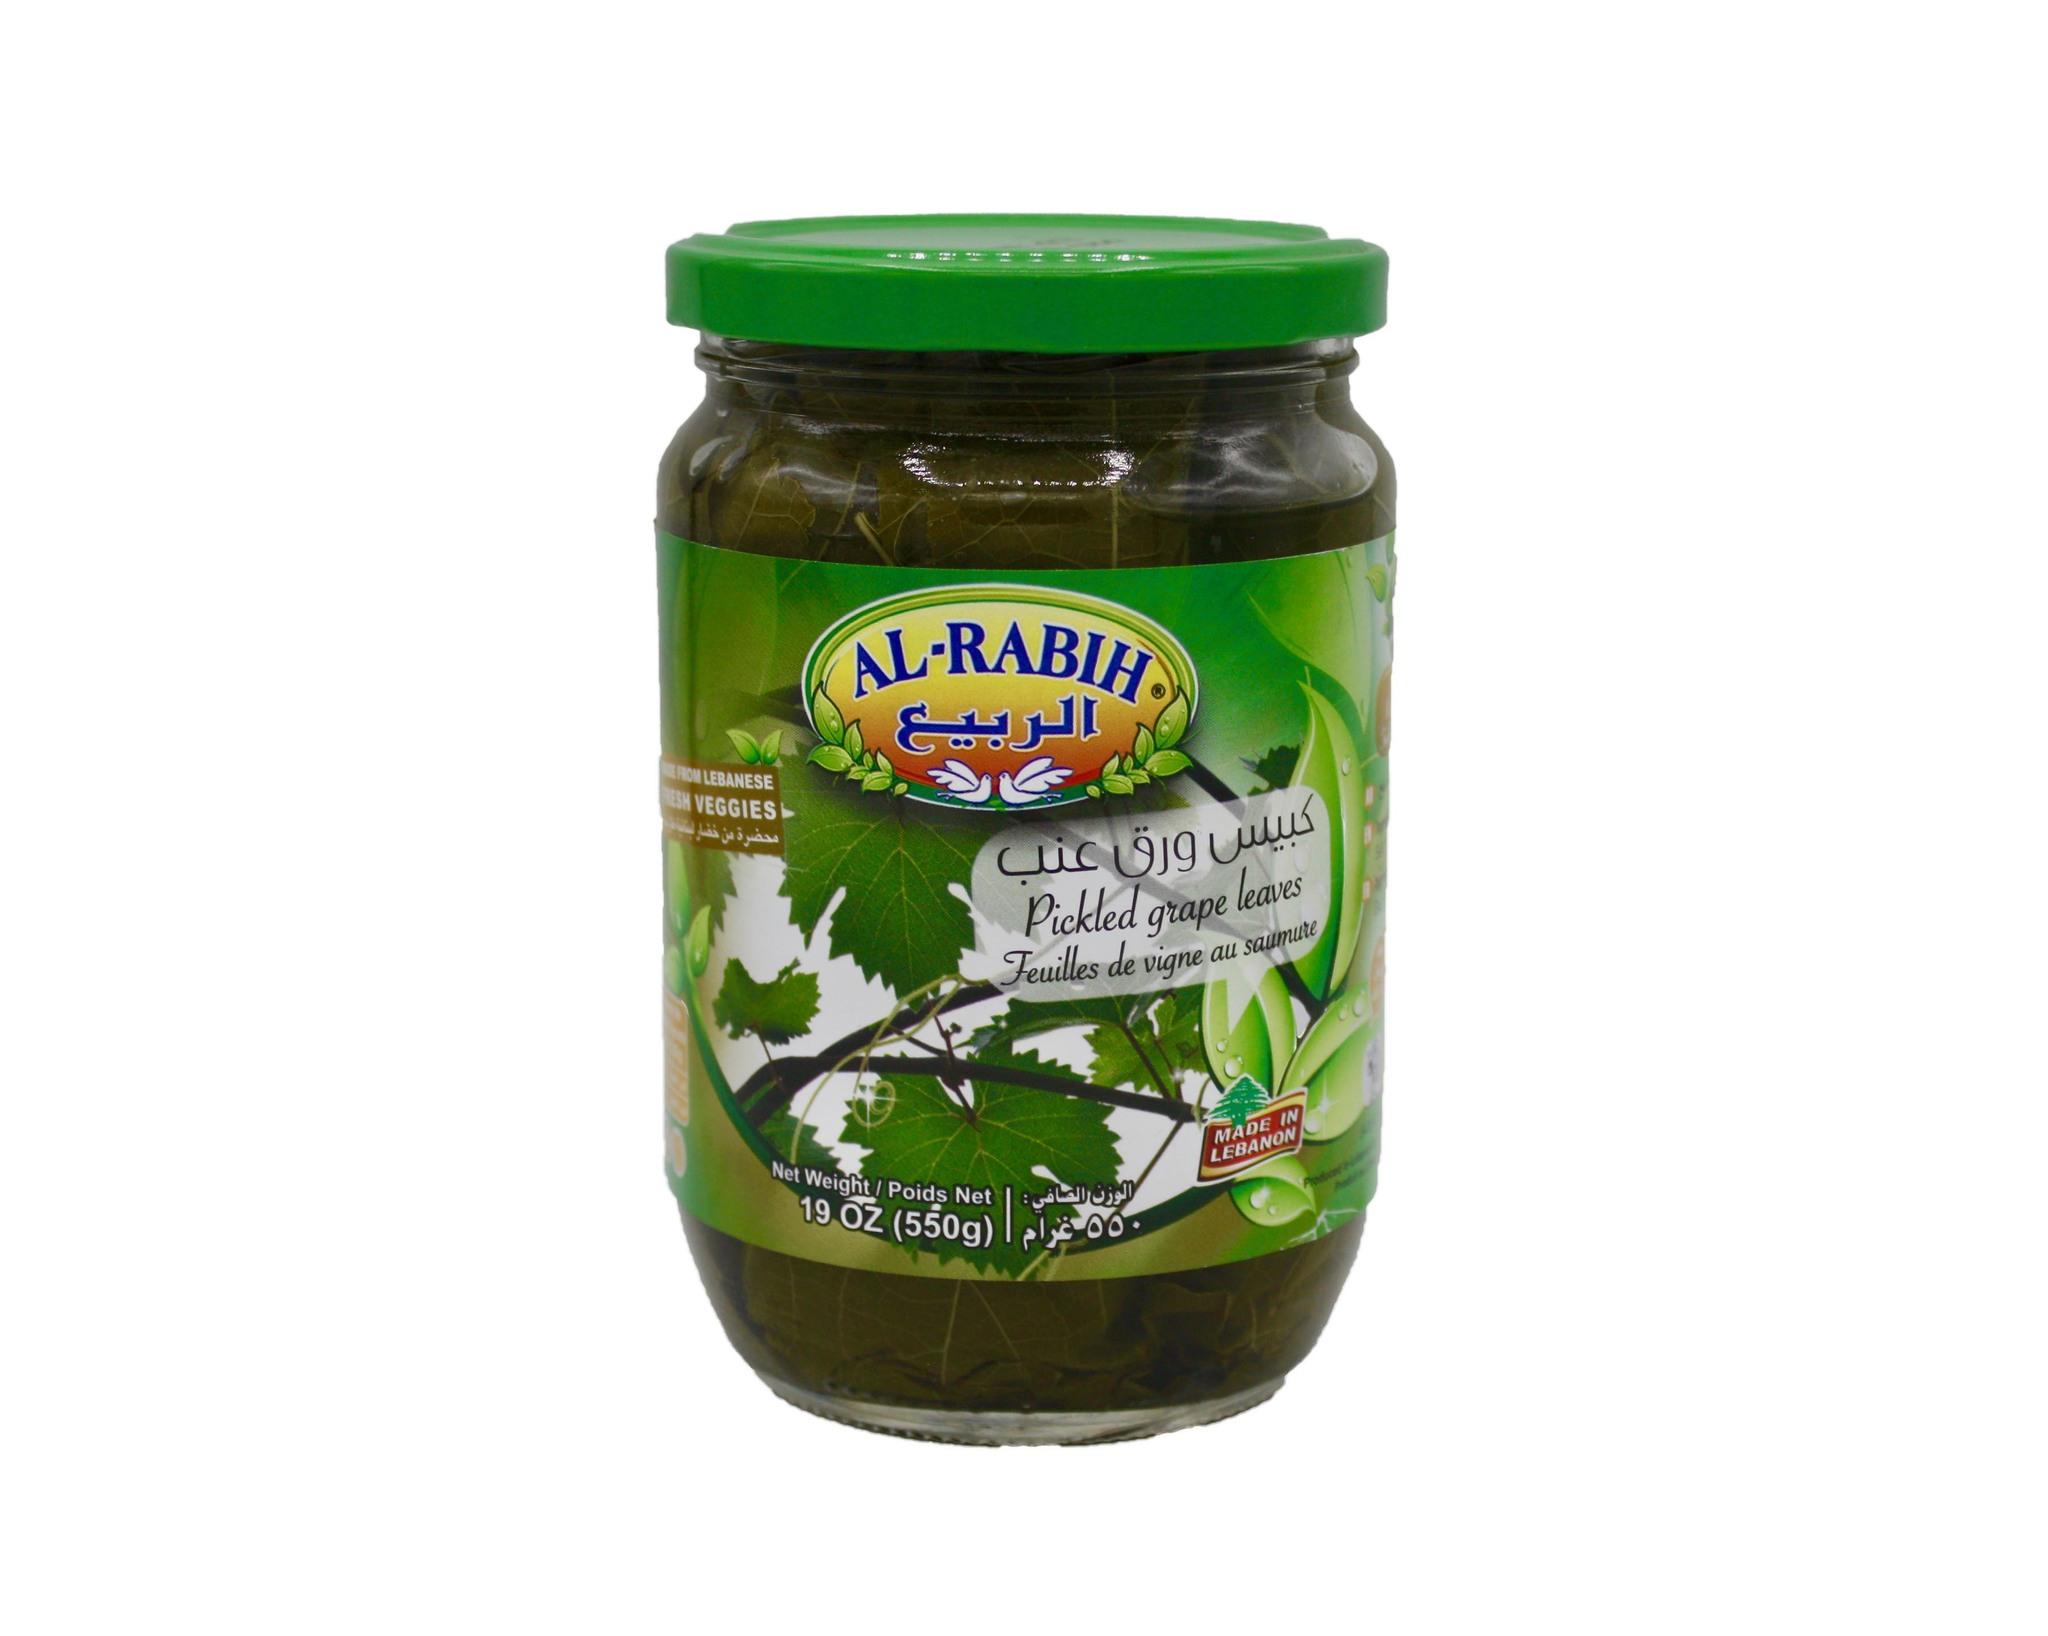 Консервированные листья винограда AlRabih, 550 г import_files_ac_acda60aa5f4f11e8868b448a5b3752ae_0d3c61955e8511e8a996484d7ecee297.jpg